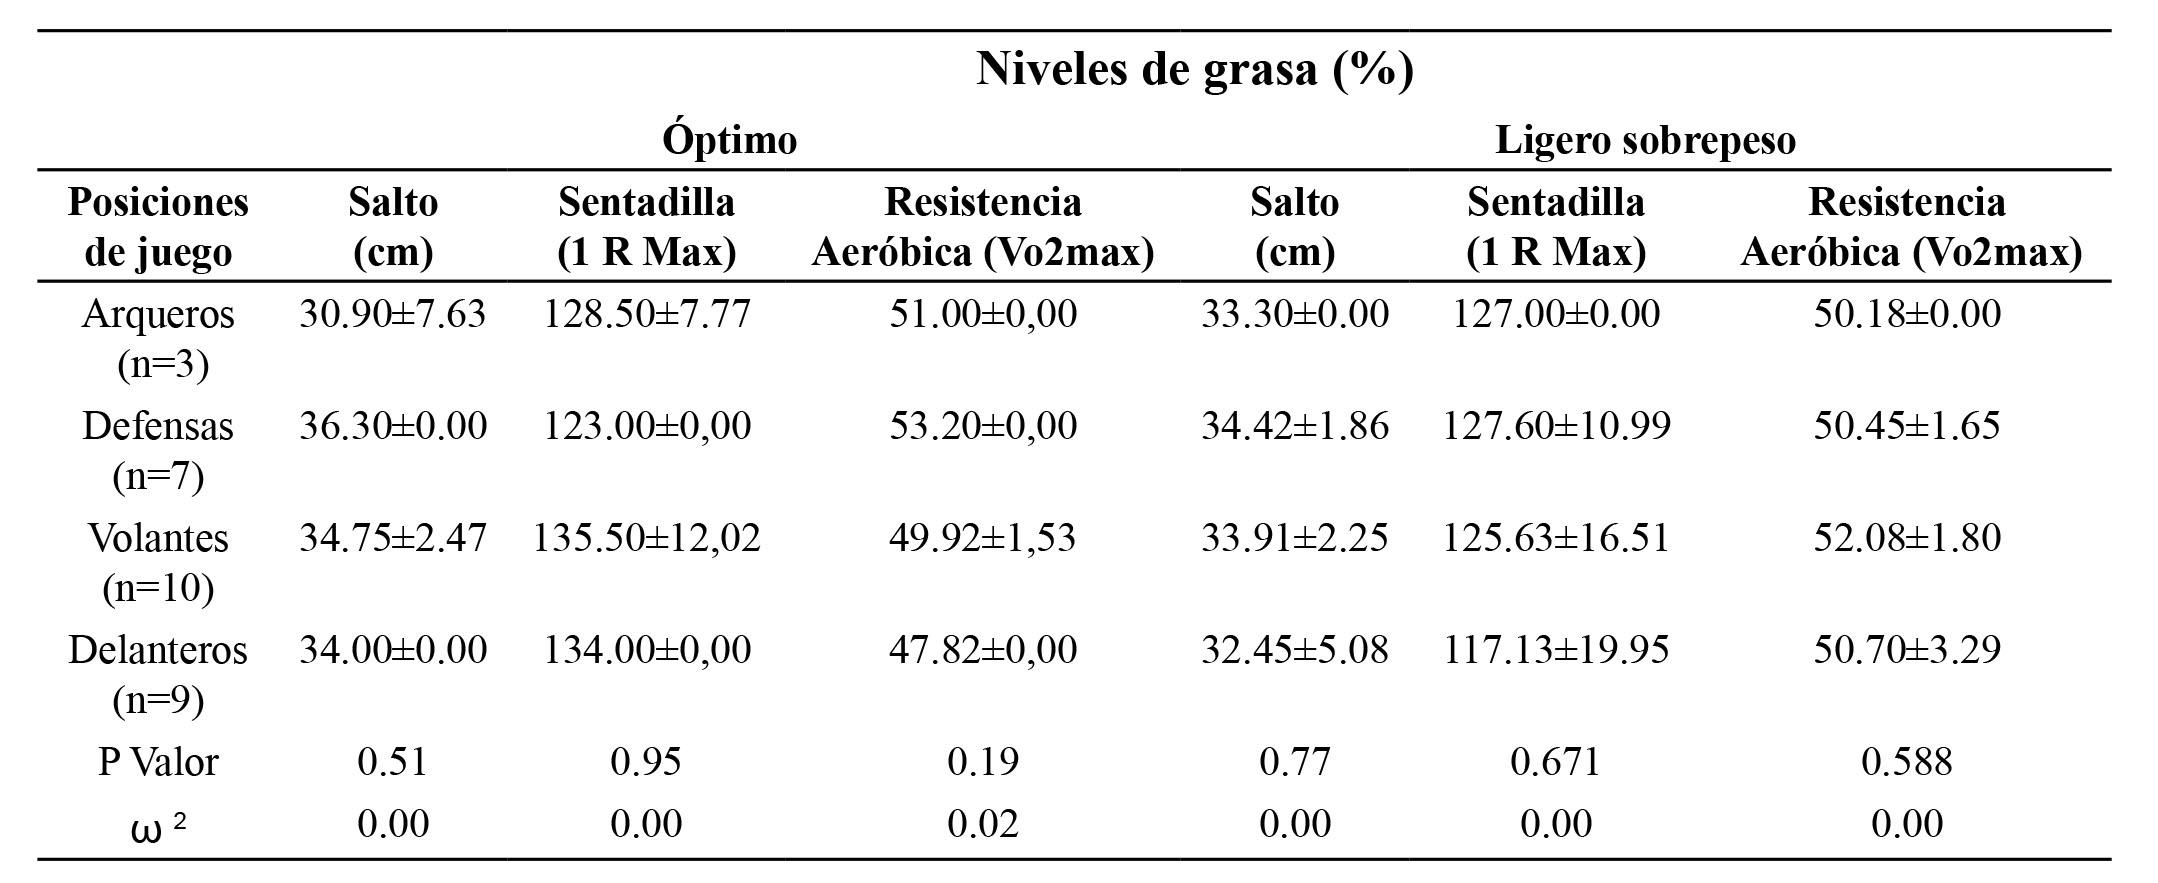 Variables funcionales de cada posición de juego, según niveles de porcentaje de grasa